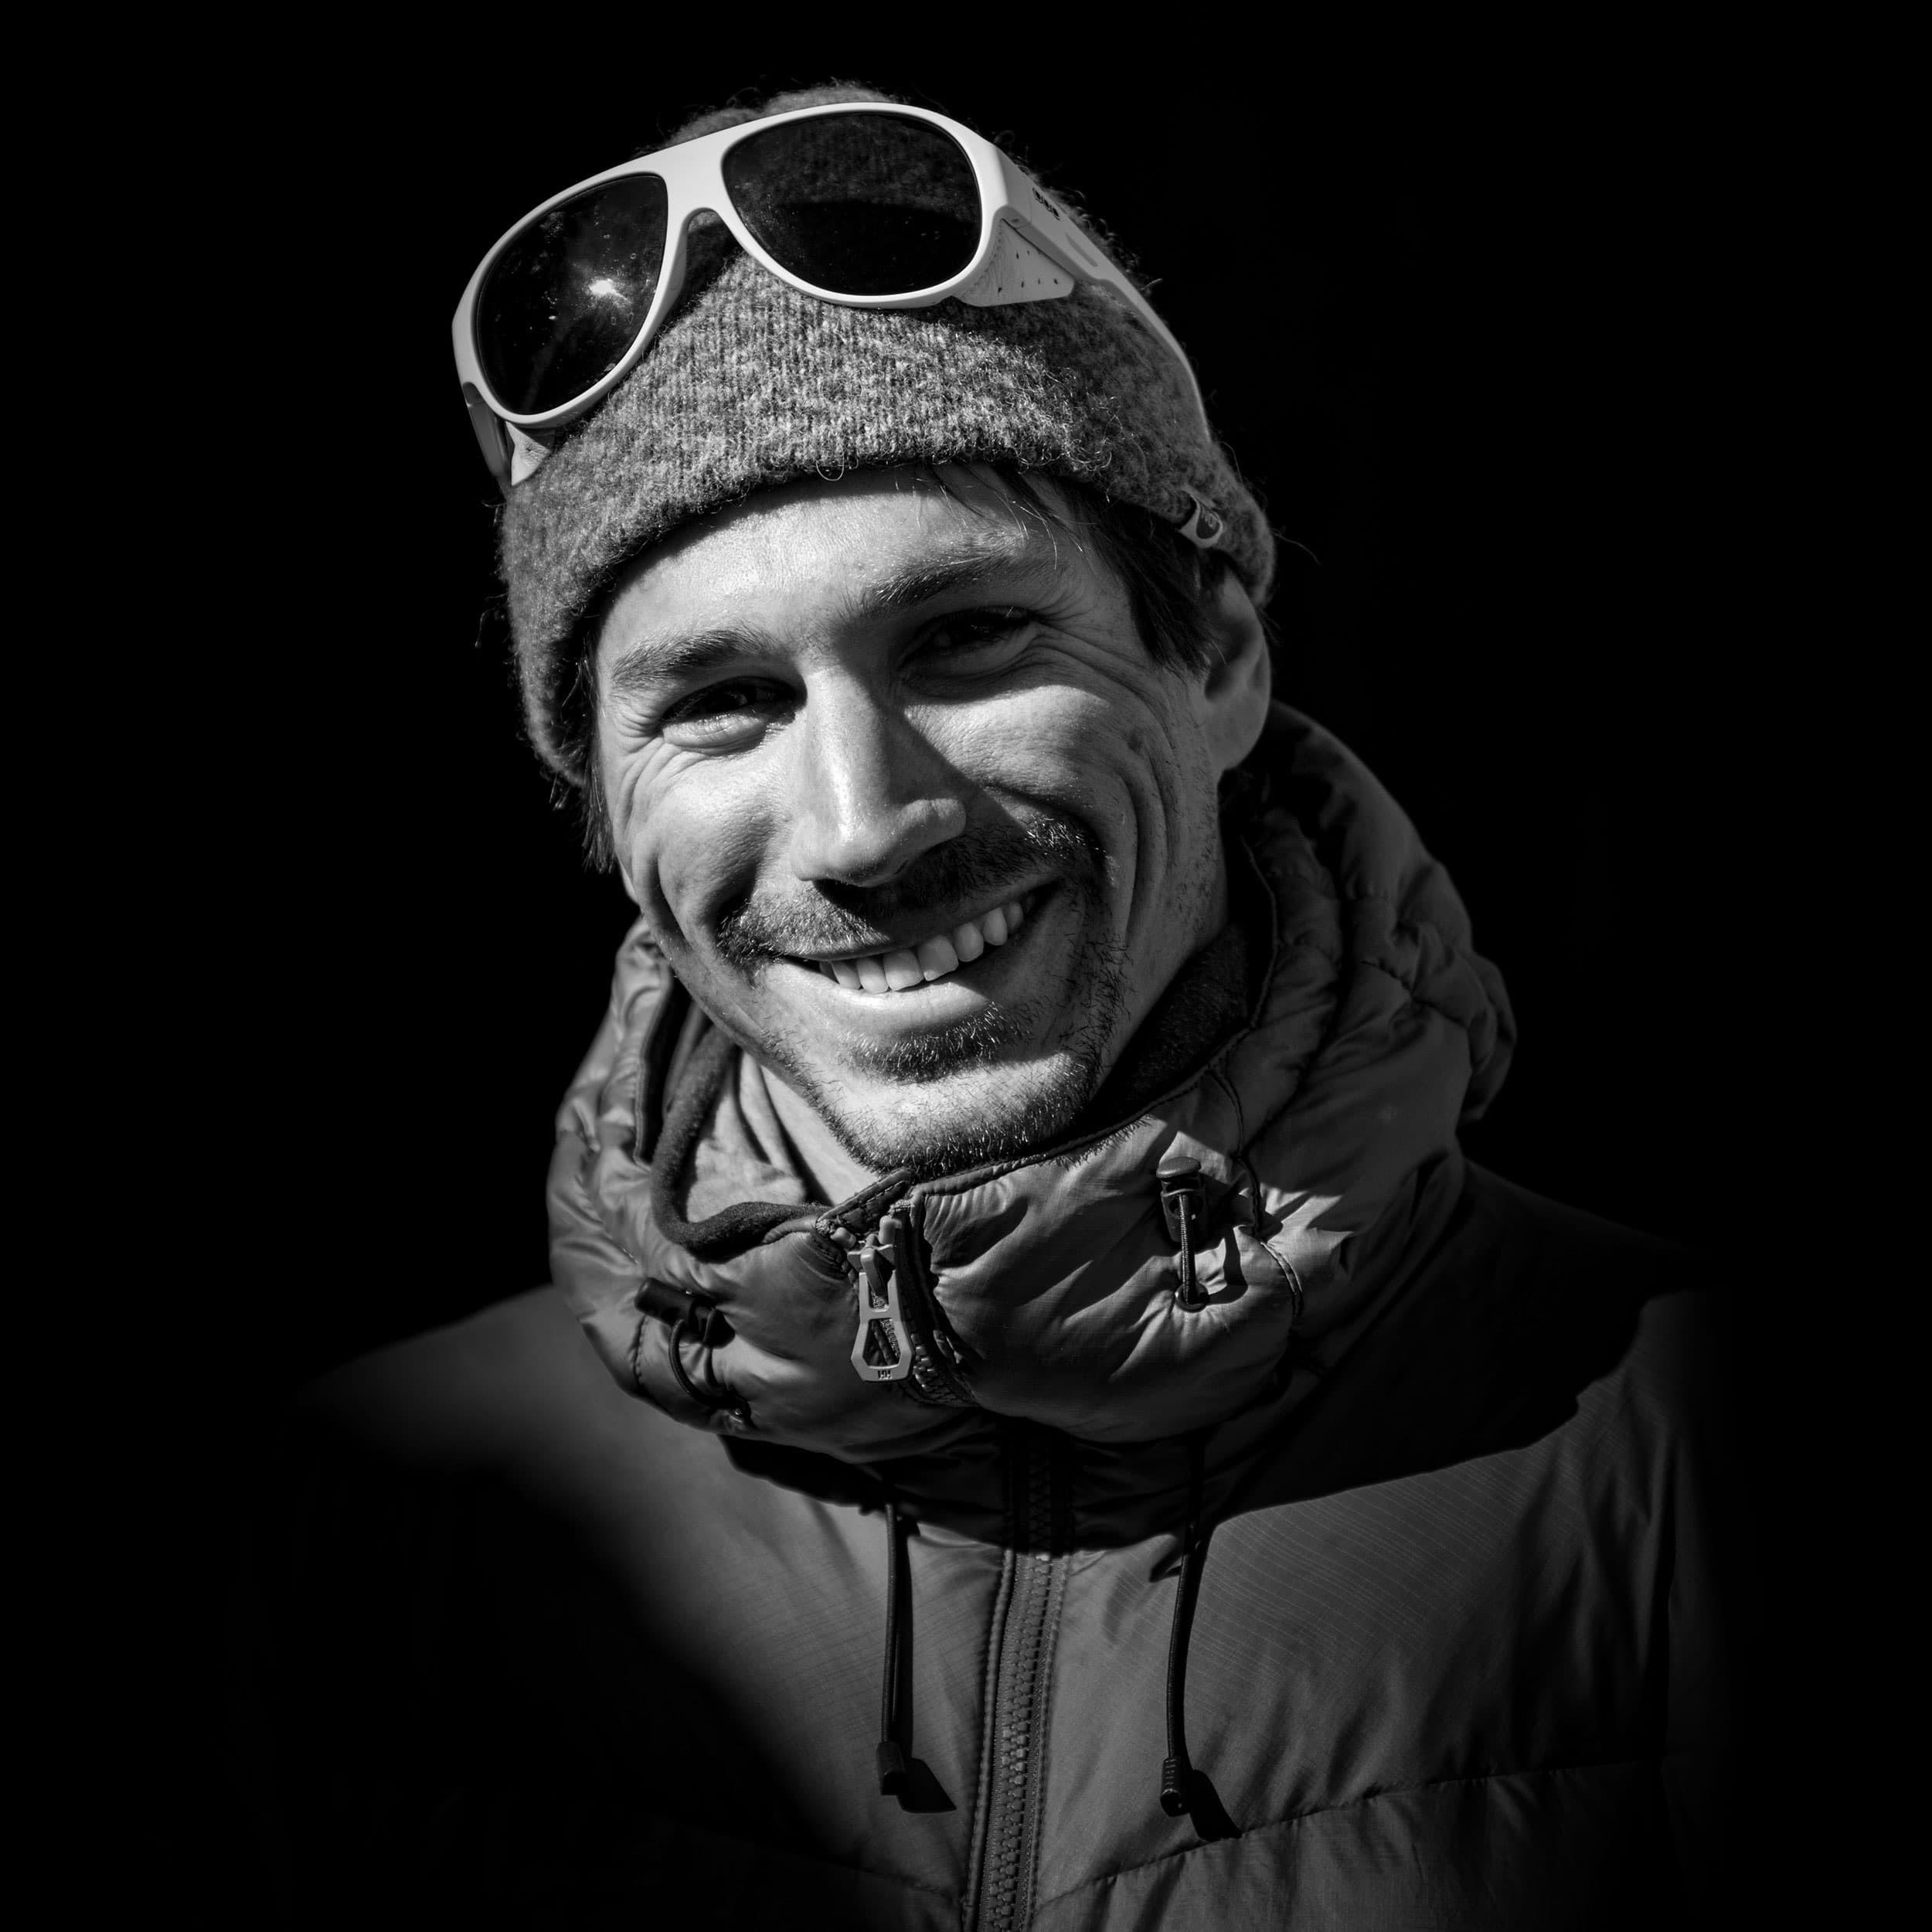 Marcus Caston